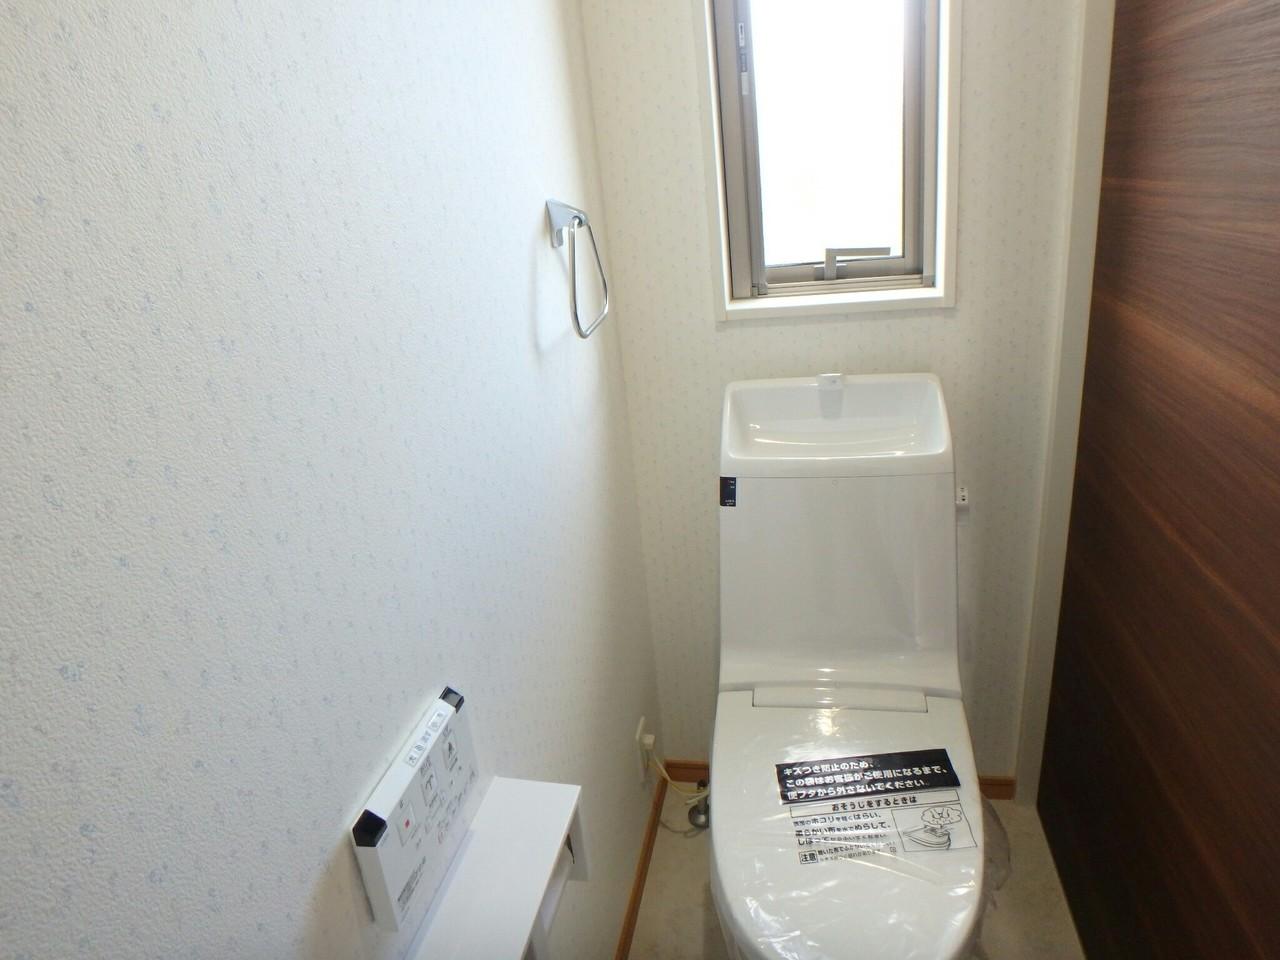 木目を活かした清潔感のあるトイレで嬉しいですね。落ち着く空間をお約束します。